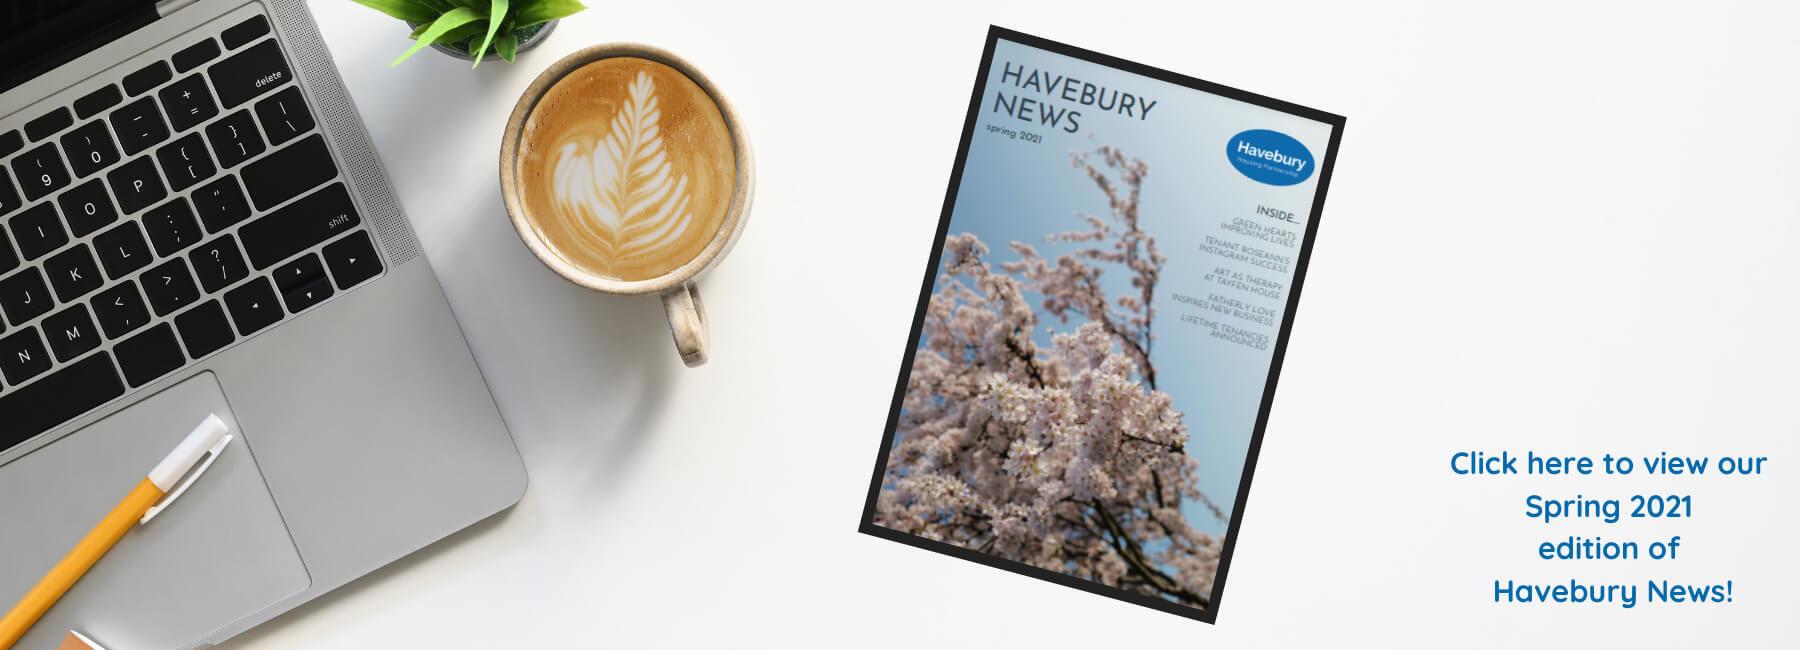 Havebury News